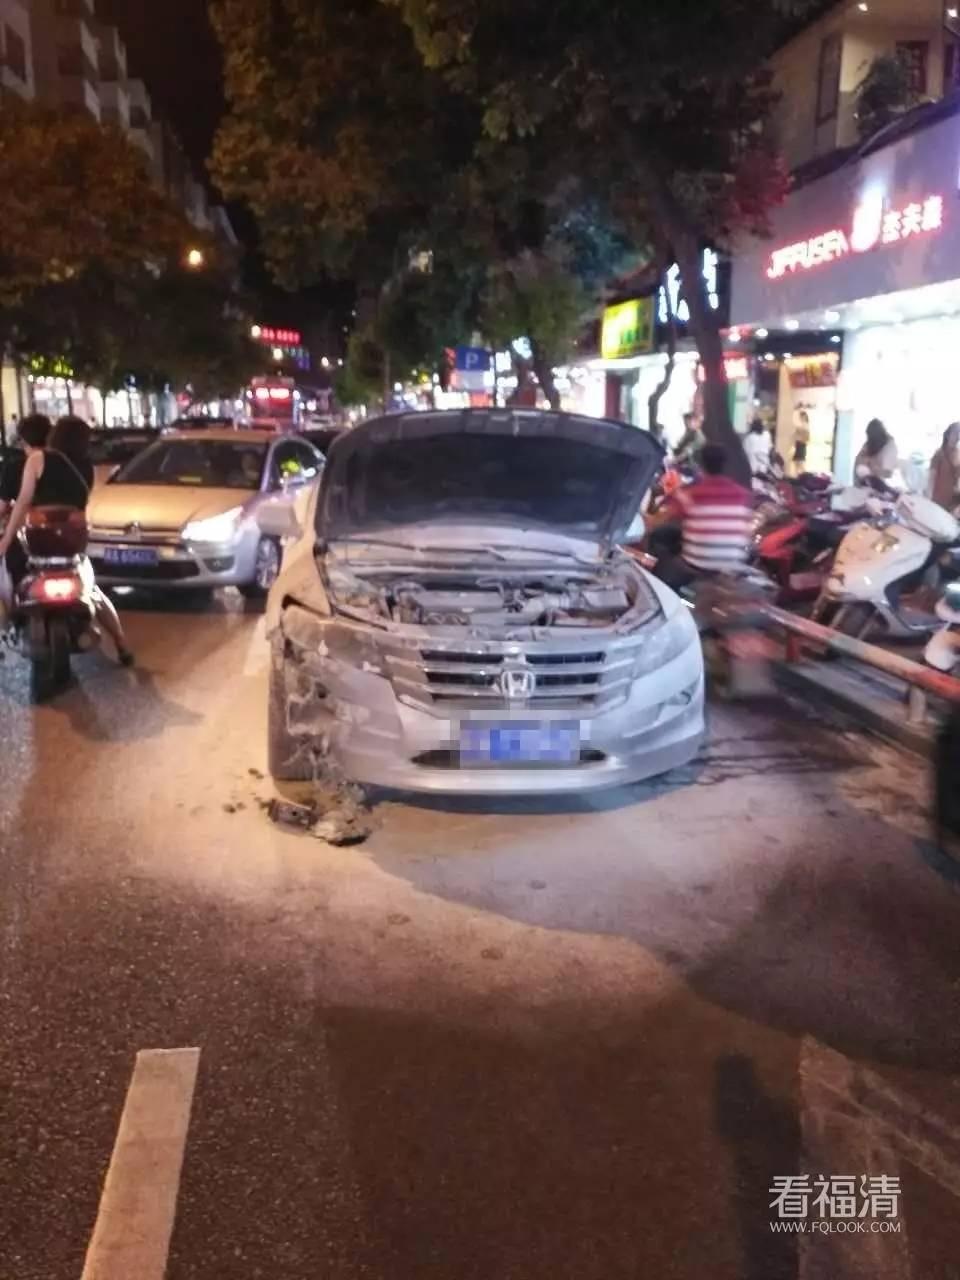 汽车 正文  车牌号当然马赛克了 2017年7月11日晚,福清佳源超市路段一